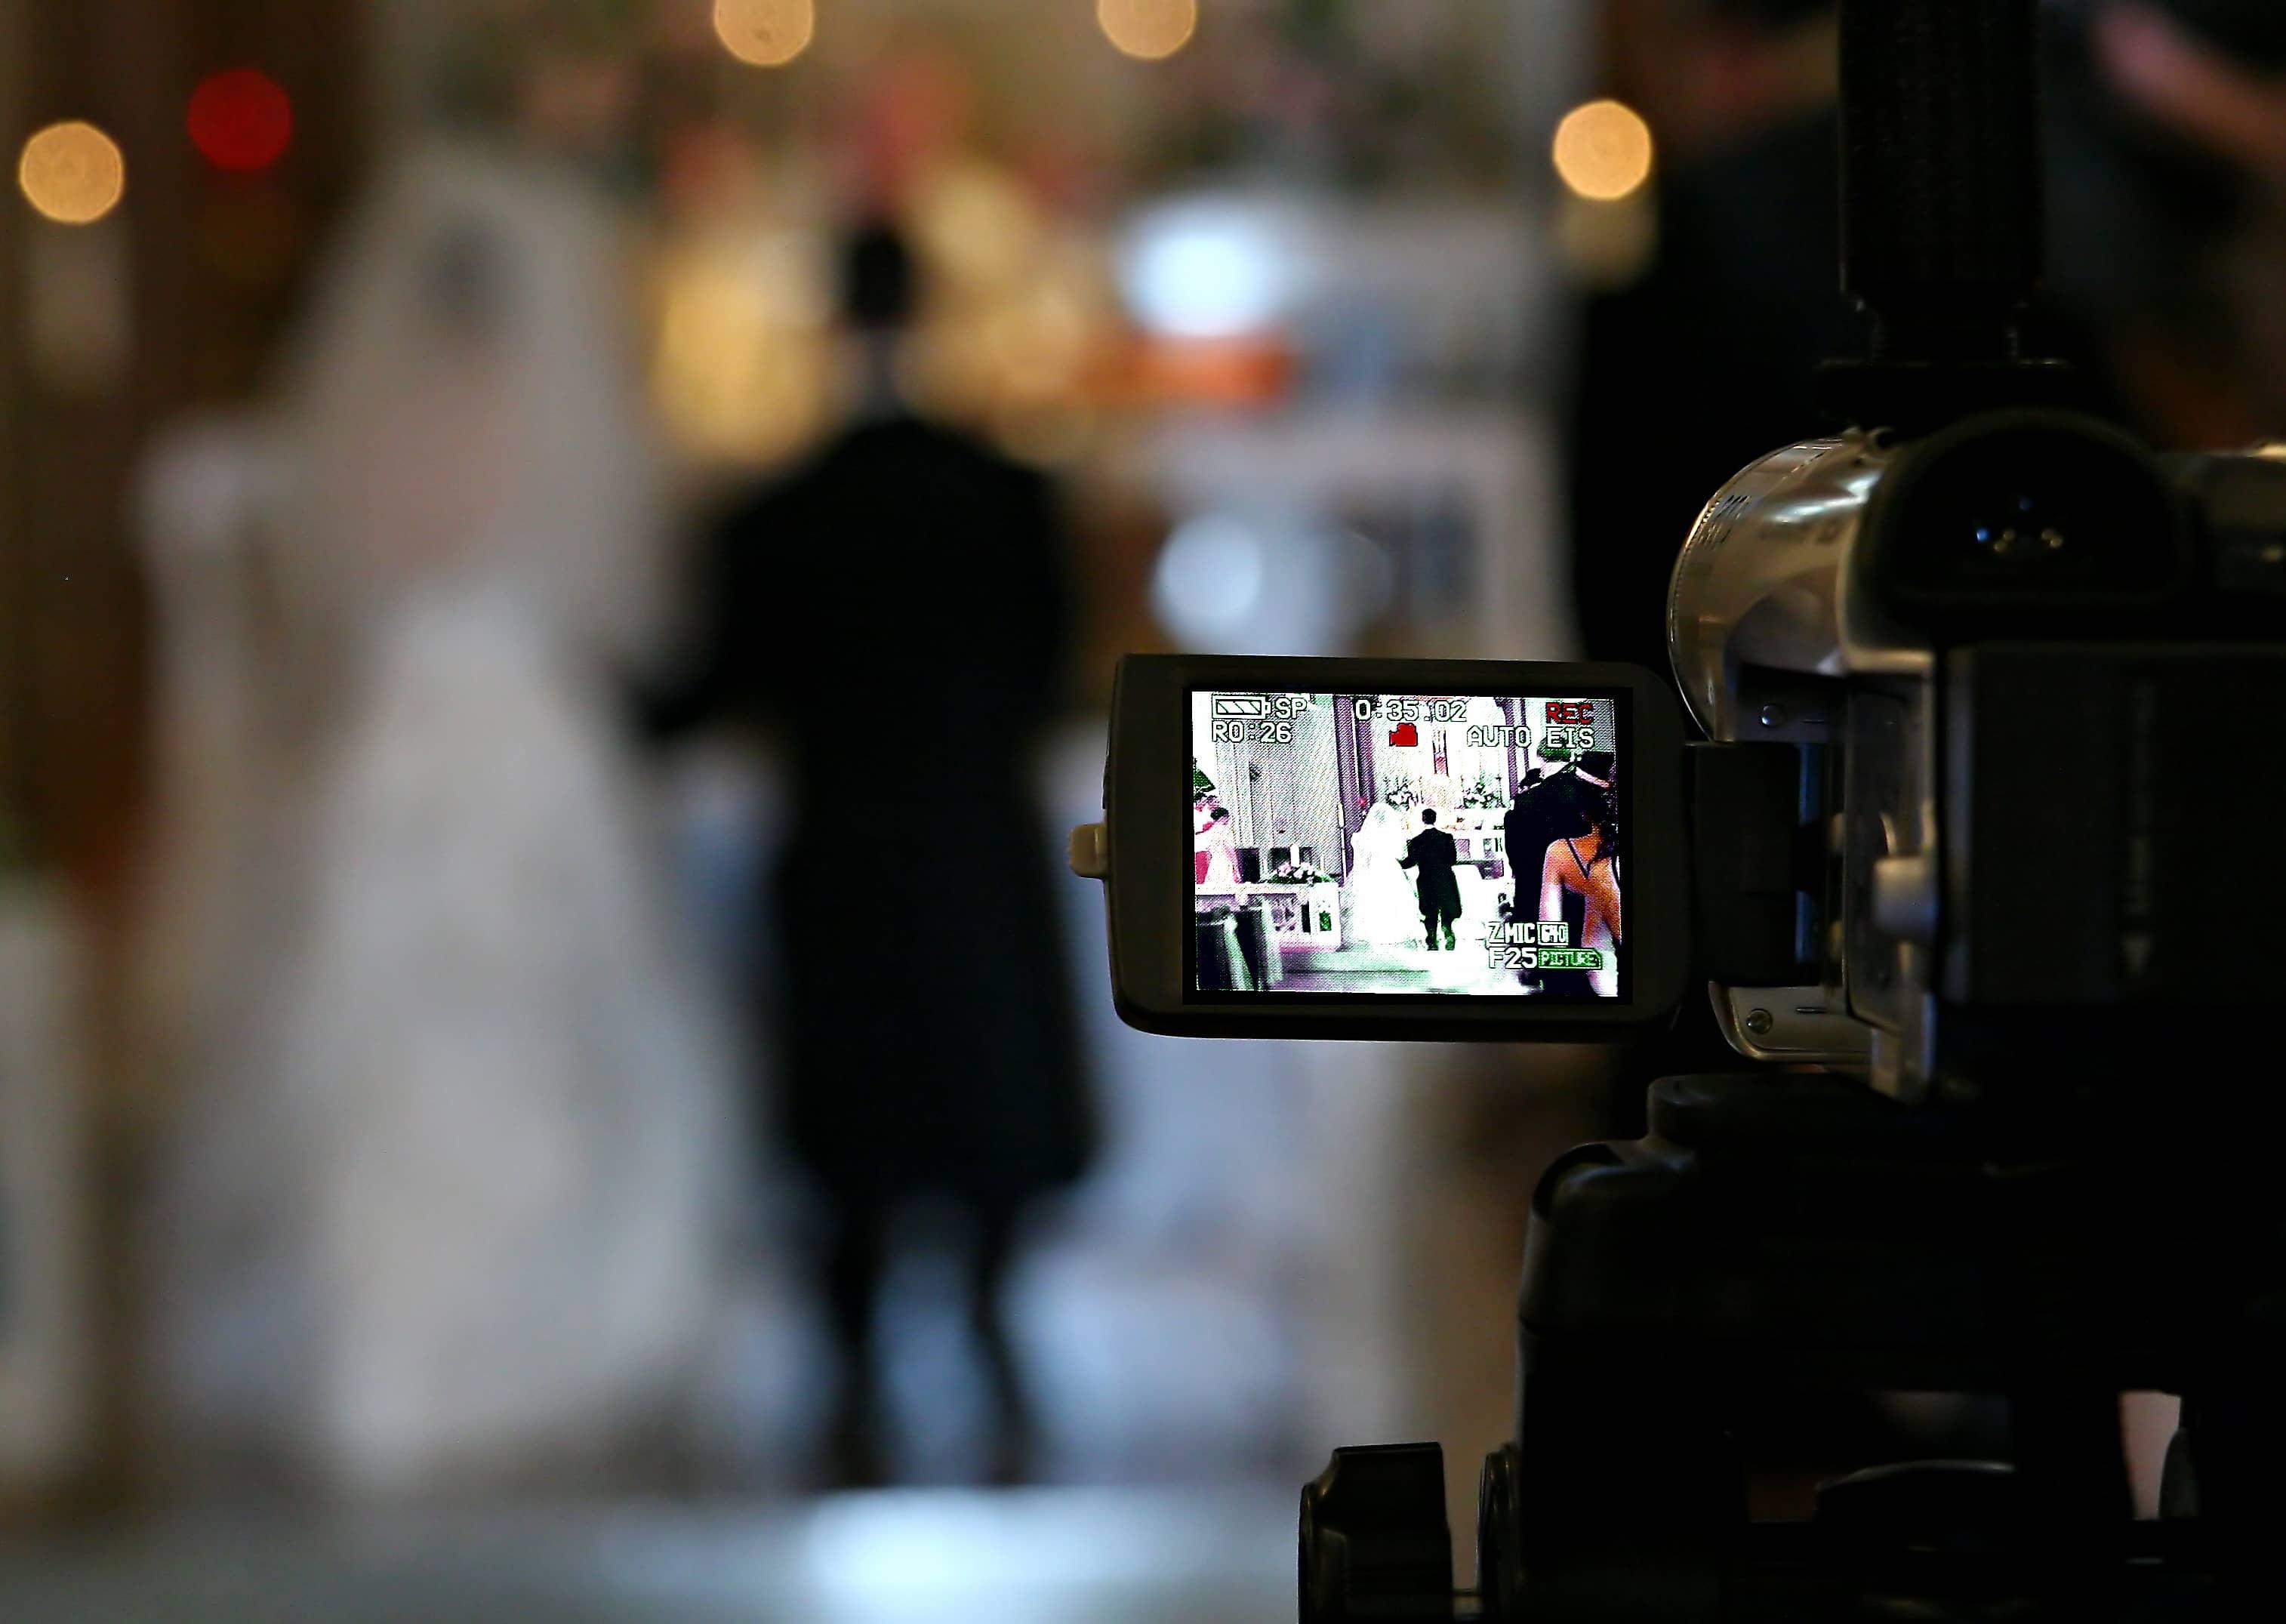 udqgs1czbe5woi4p - en güzel düğün videosu fikirleri